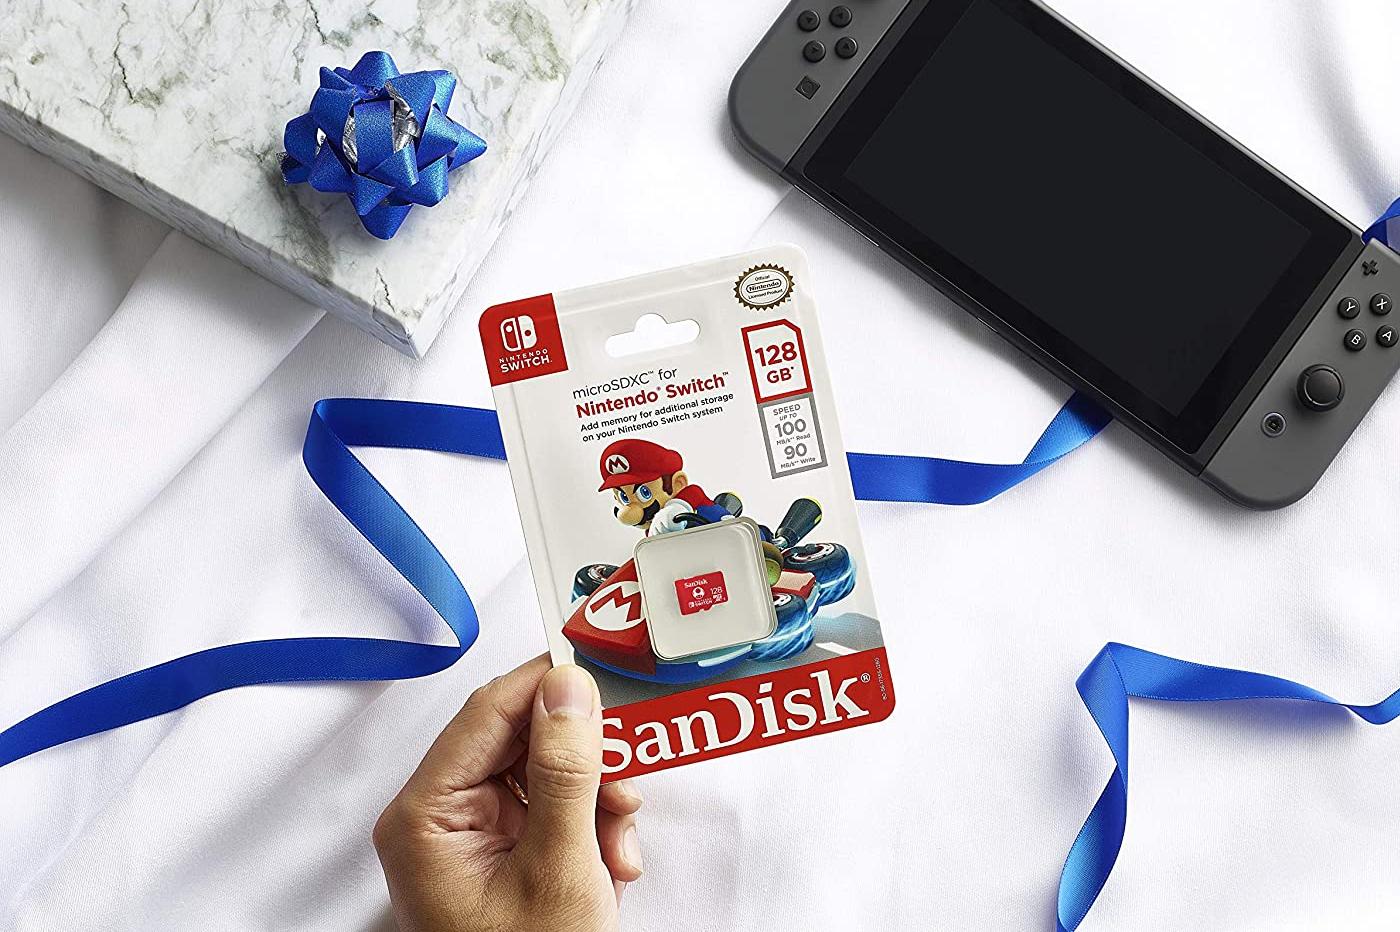 microSD Nintendo Sandisk